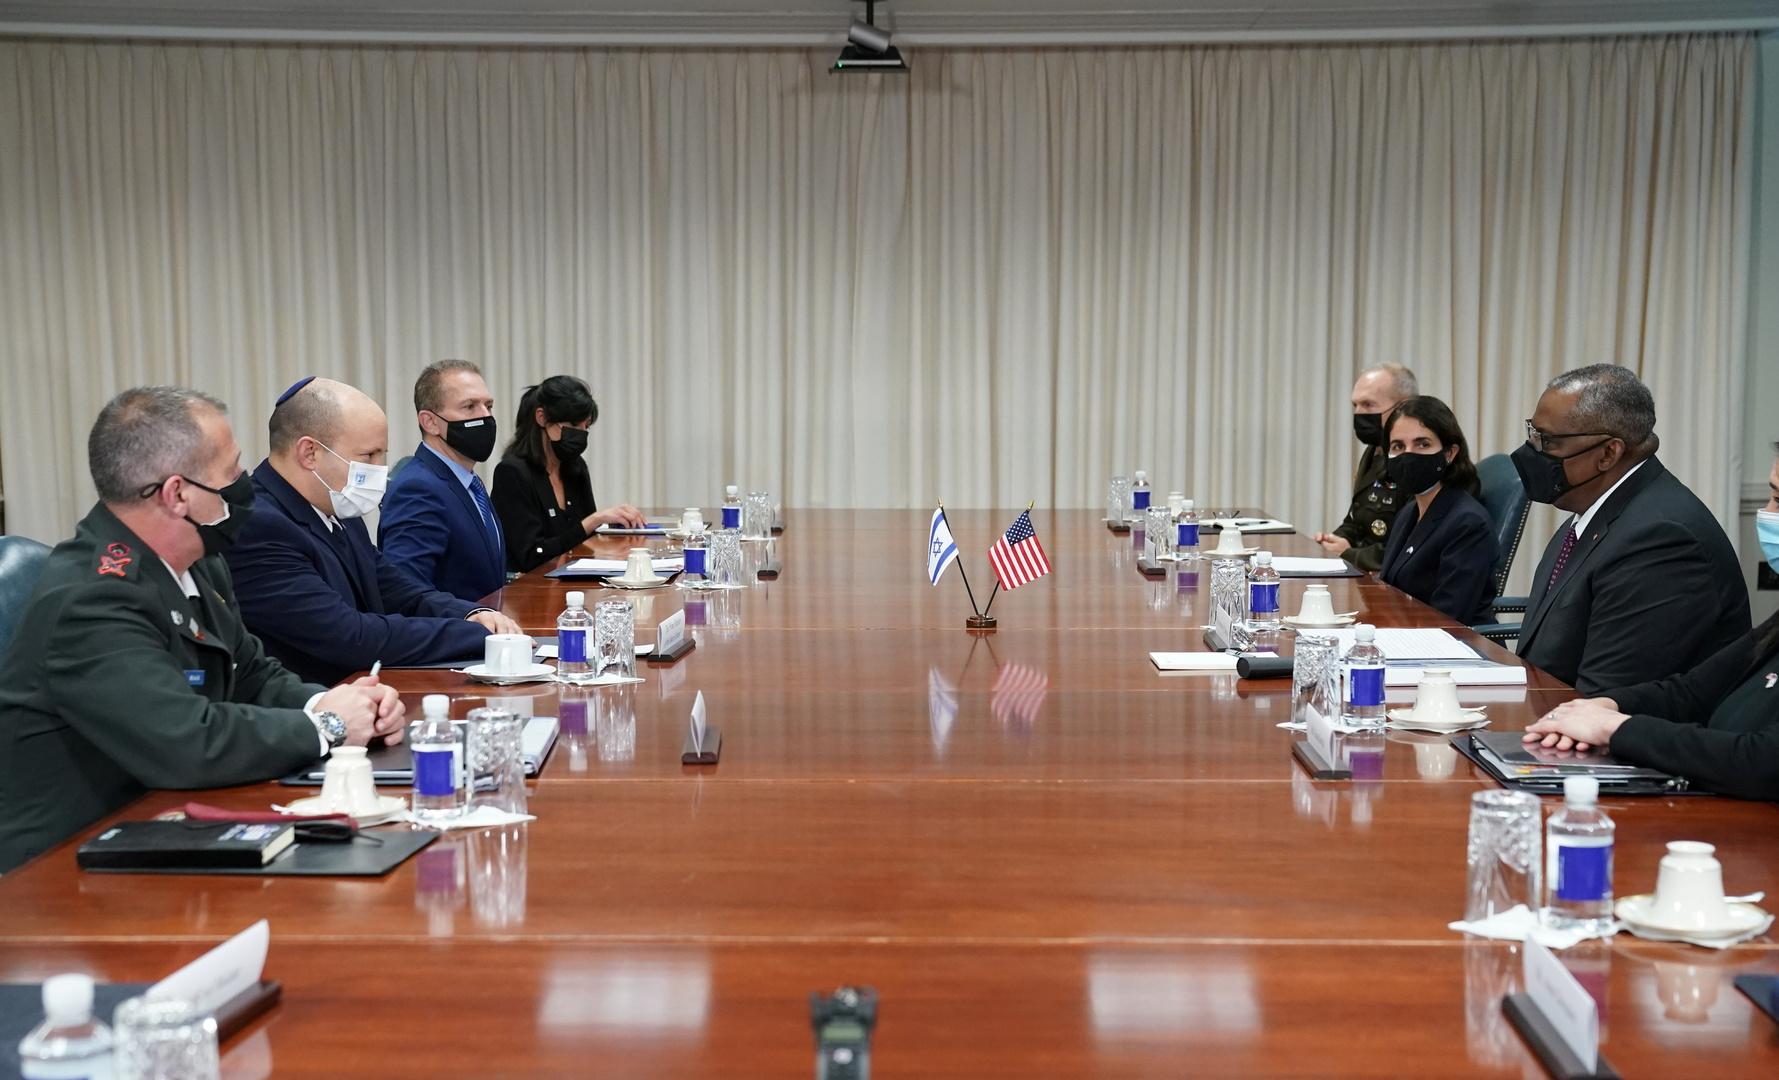 لقاء رئيس الوزراء الإسرائيلي نفتالي بينيت مع وزير الدفاع الأمريكي لويد أوستين في واشنطن